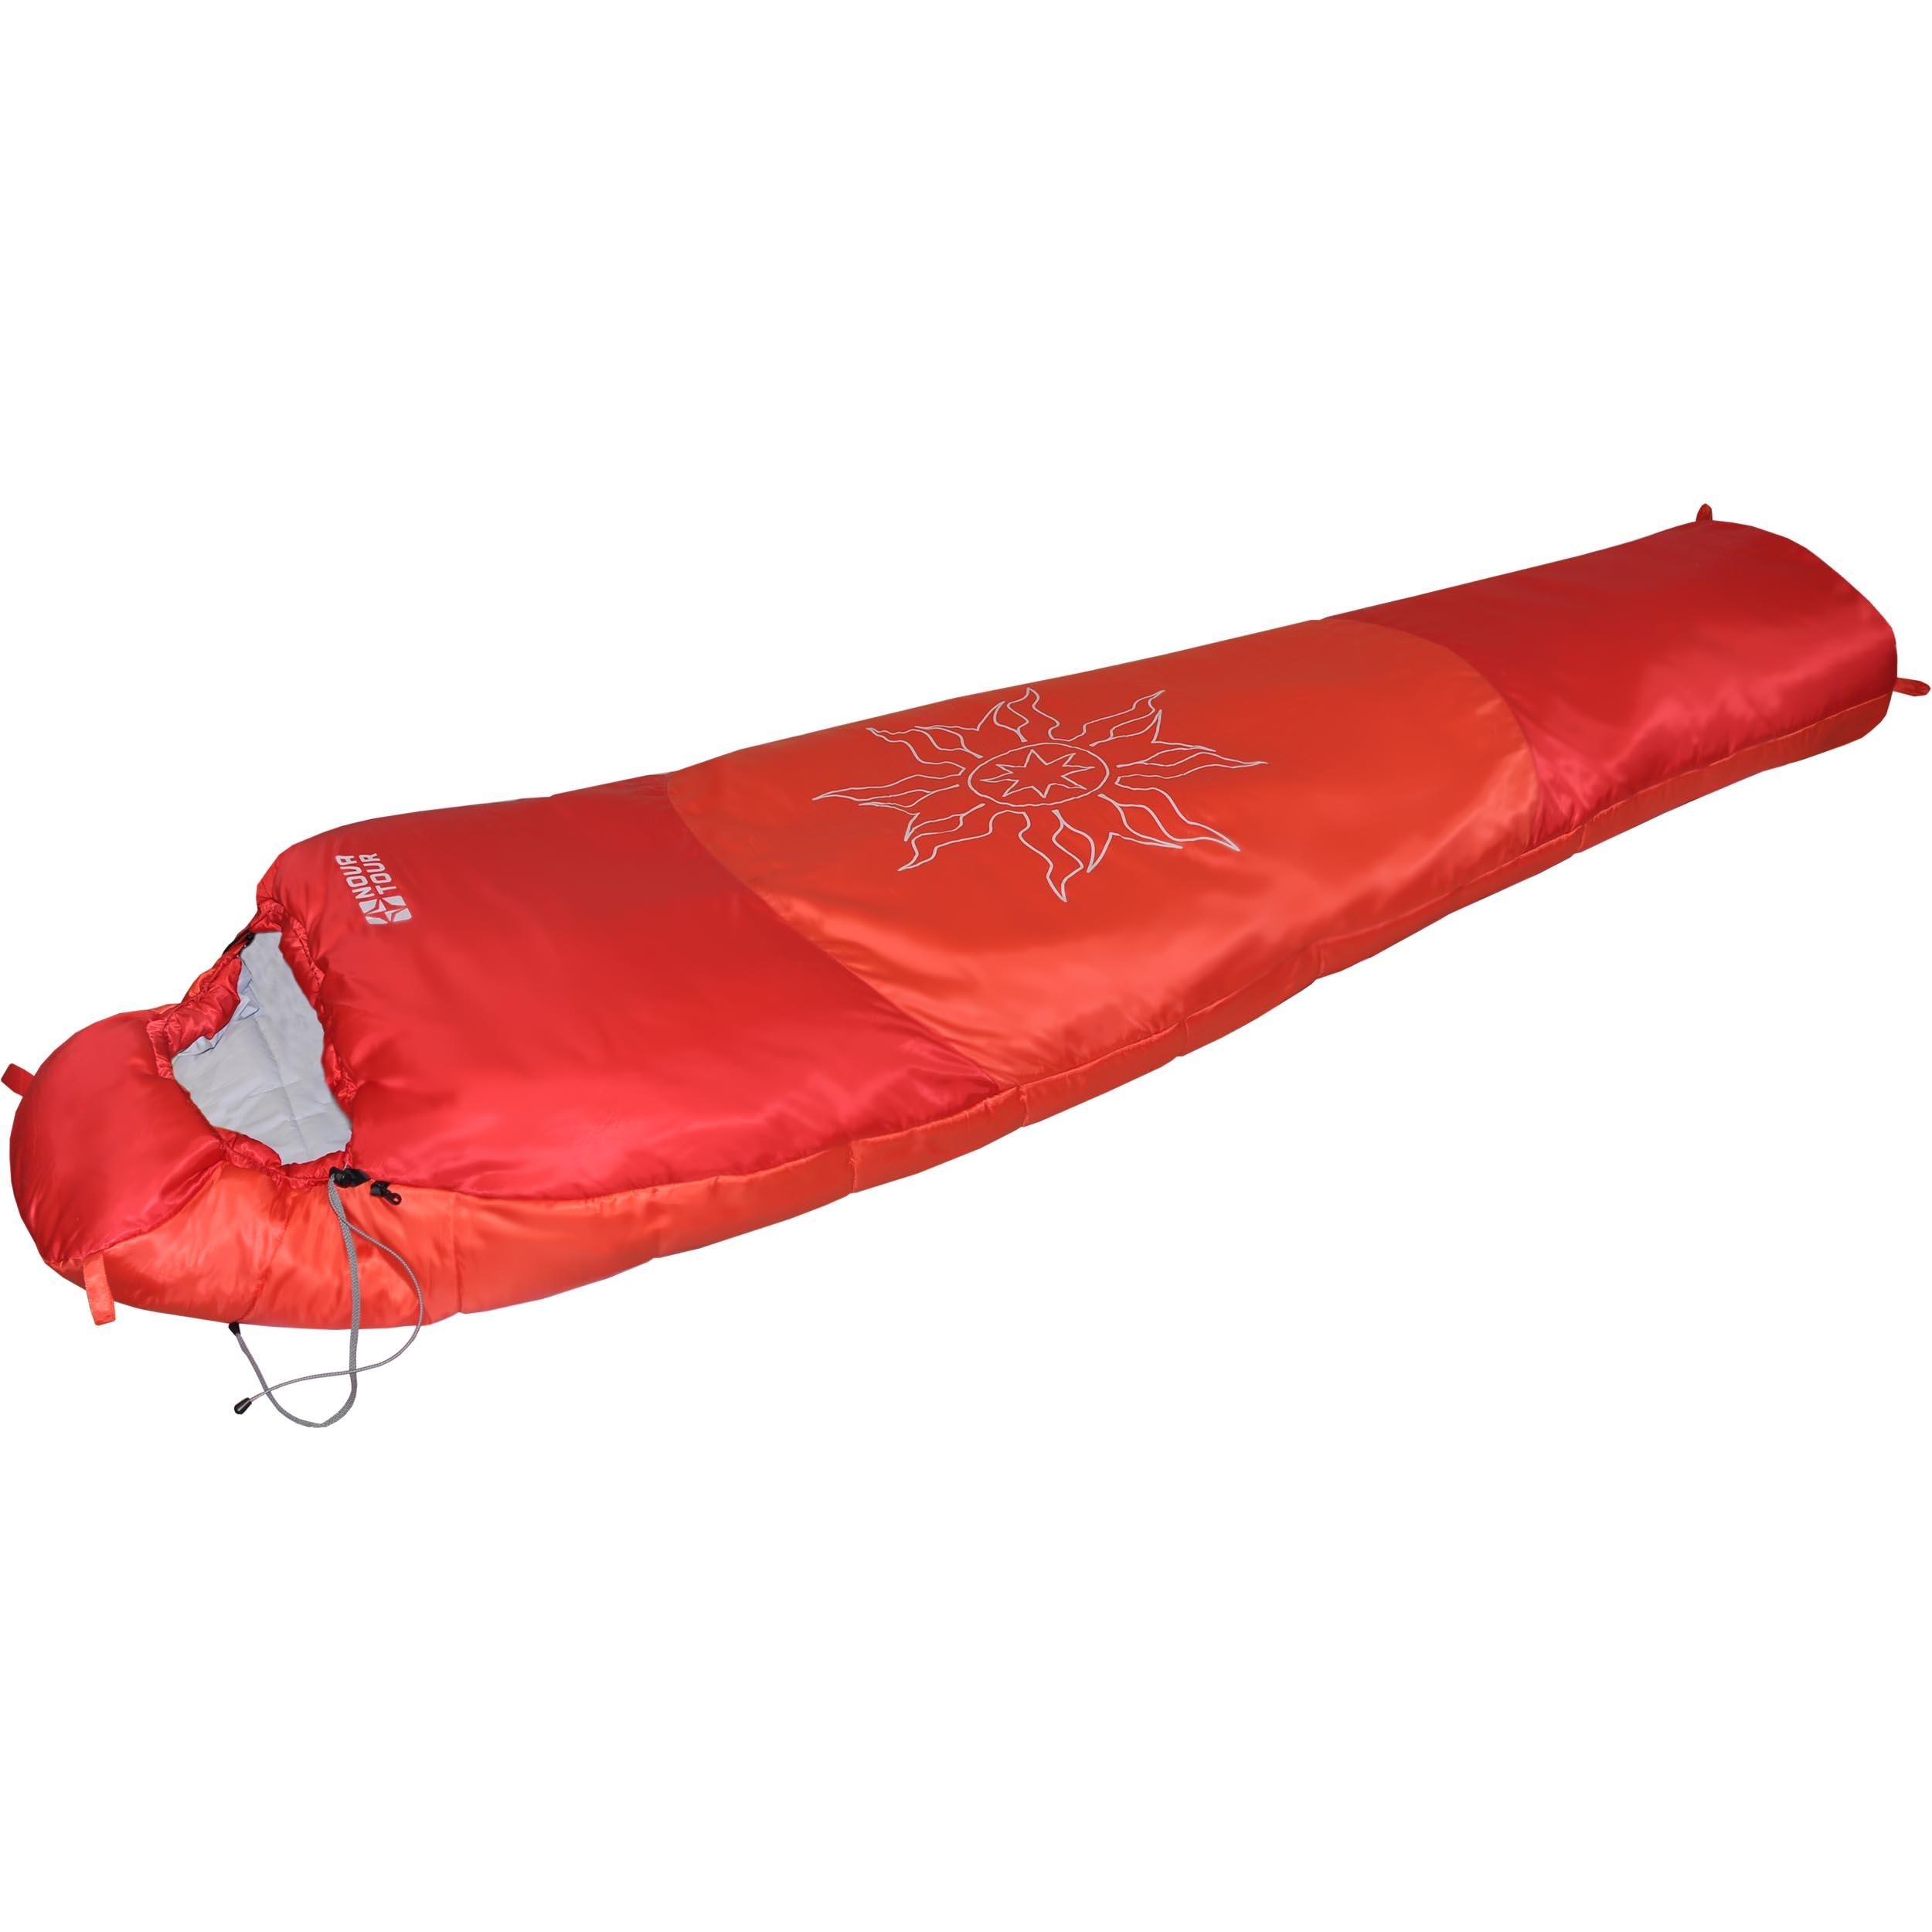 Спальный мешок Nova Tour Ямал -30 XL V2, цвет: красный, левосторонняя молния95420-001-LeftЗимний спальный мешок Nova Tour Ямал -30 XL V2 имеет конструкцию кокон. Он предназначен для использования при очень низких температурах. Утягивающийся капюшон и шейный воротник сохраняют тепло. Двухзамковая молния позволяет состегнуть два спальных мешка левого и правого исполнения в один двойной. Компрессионный мешок в комплекте.Длина мешка: 230 см.Что взять с собой в поход?. Статья OZON Гид